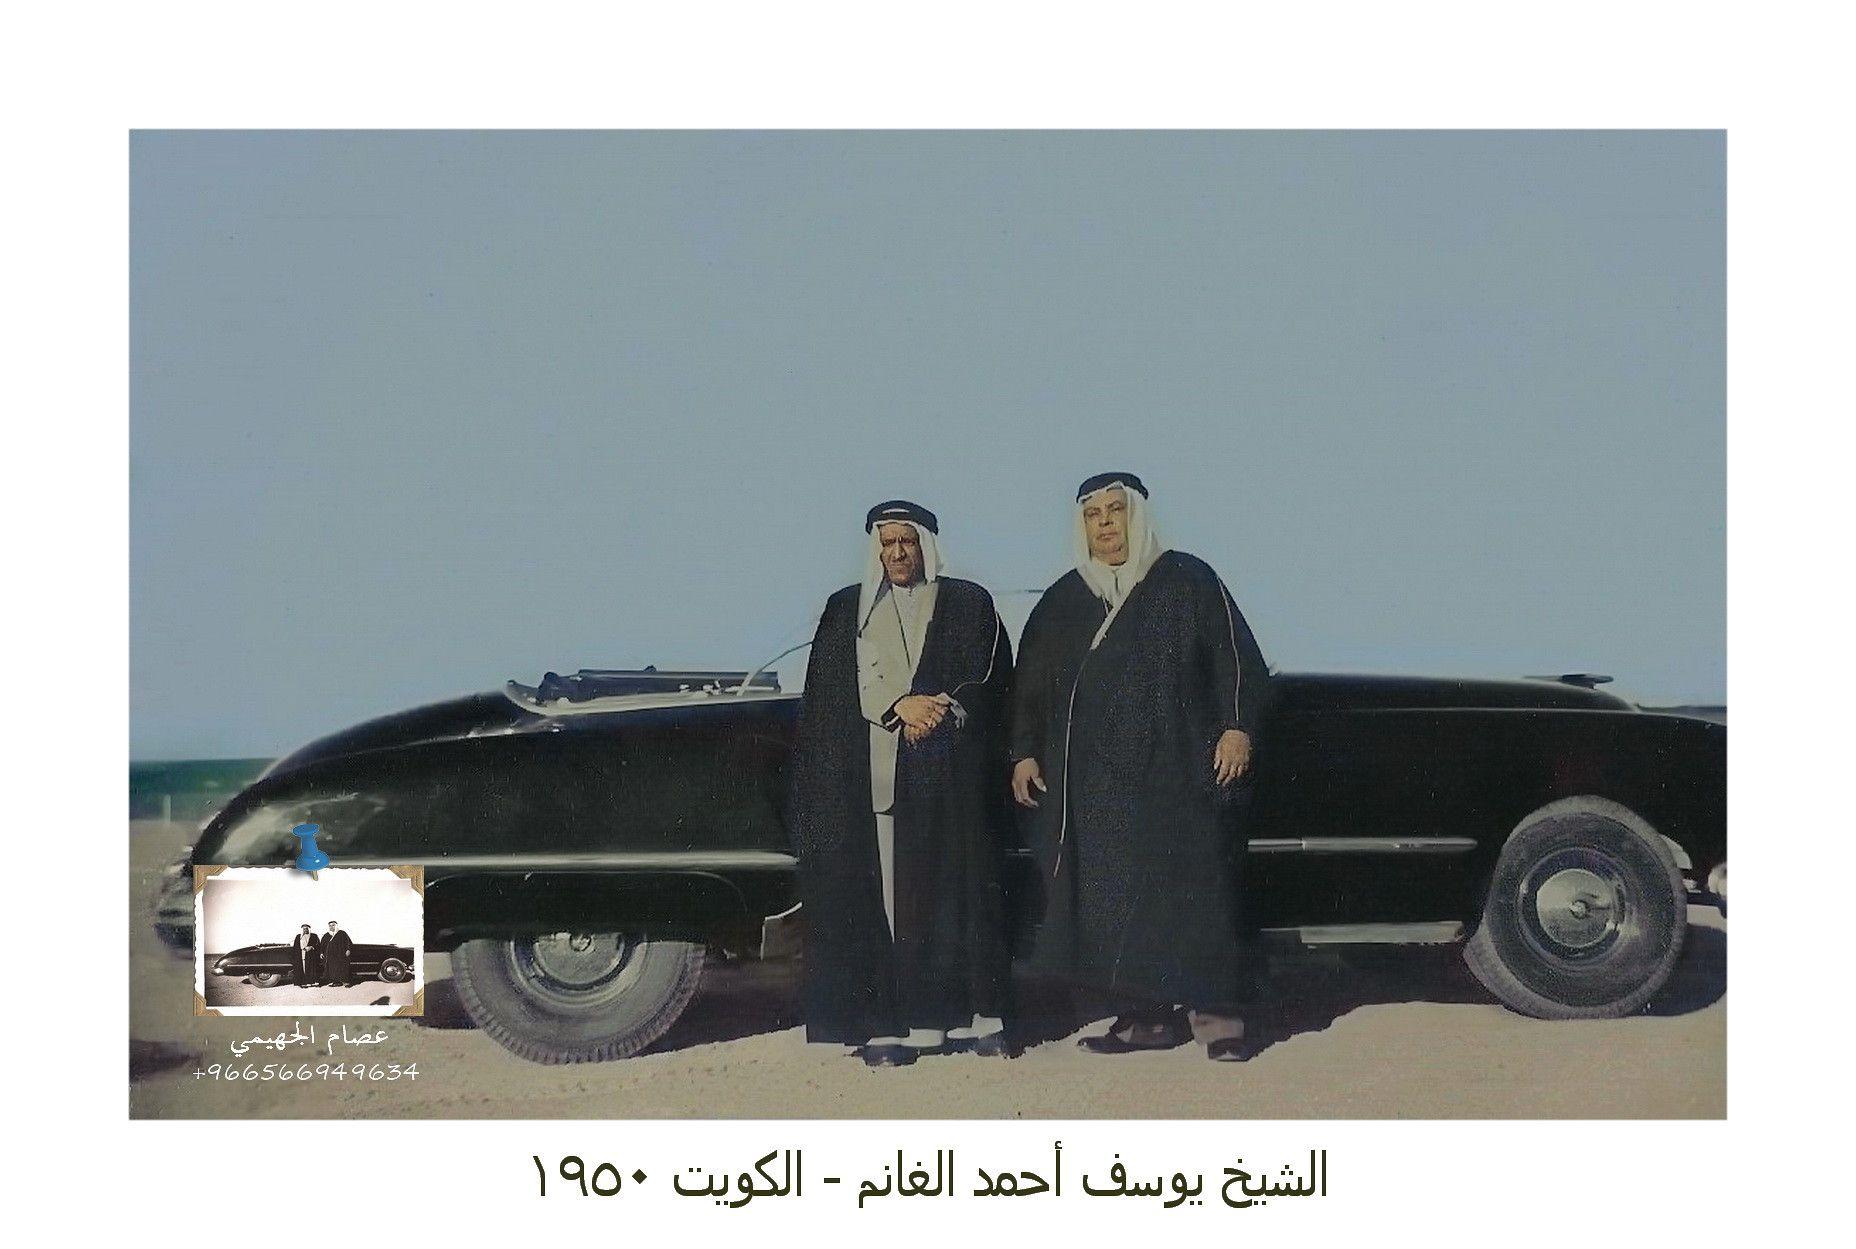 الشيخ يوسف أحمد الغانم الكويت 1950 Historical Photos Rare Pictures My Images